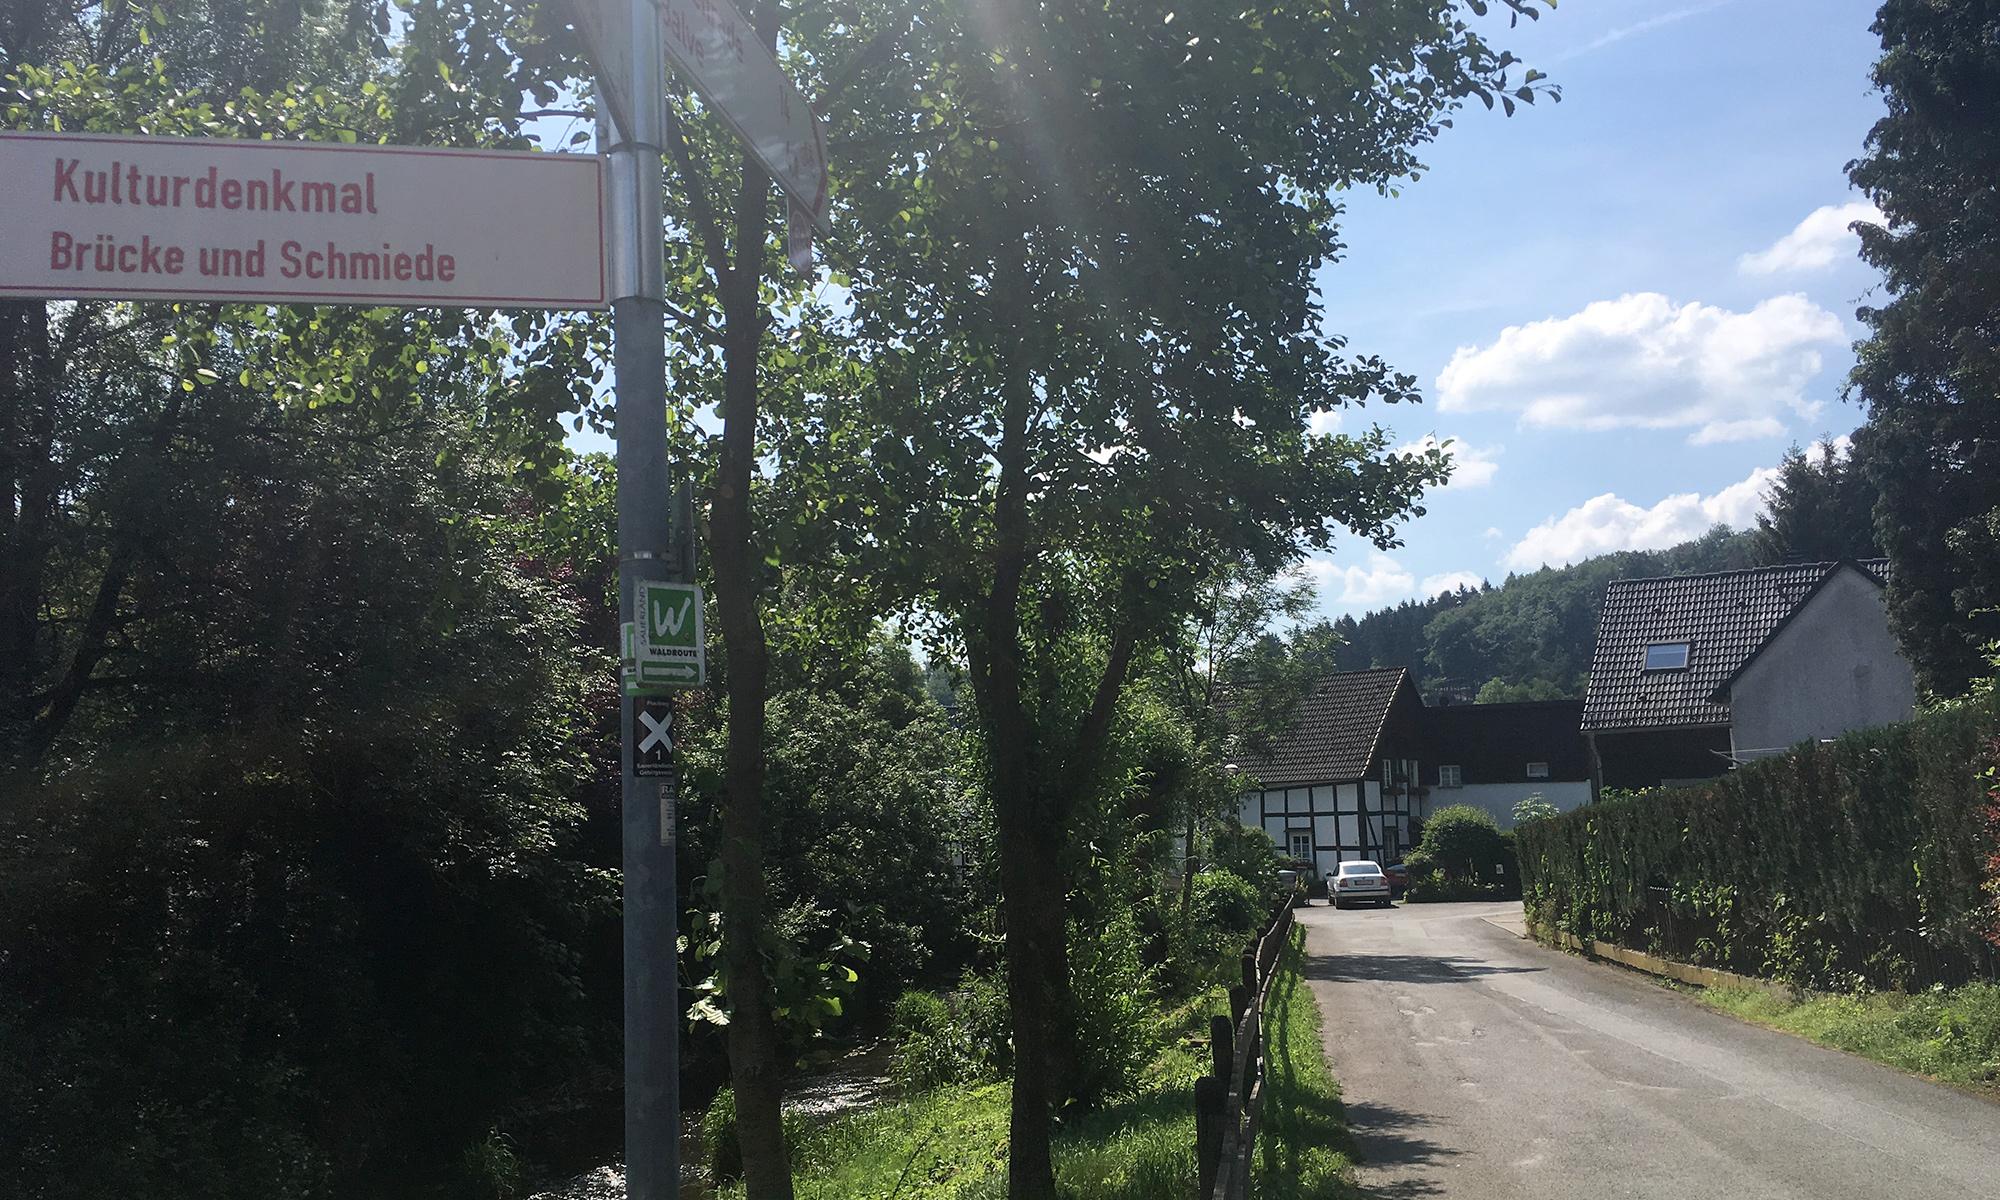 Volkringhausen Brücke